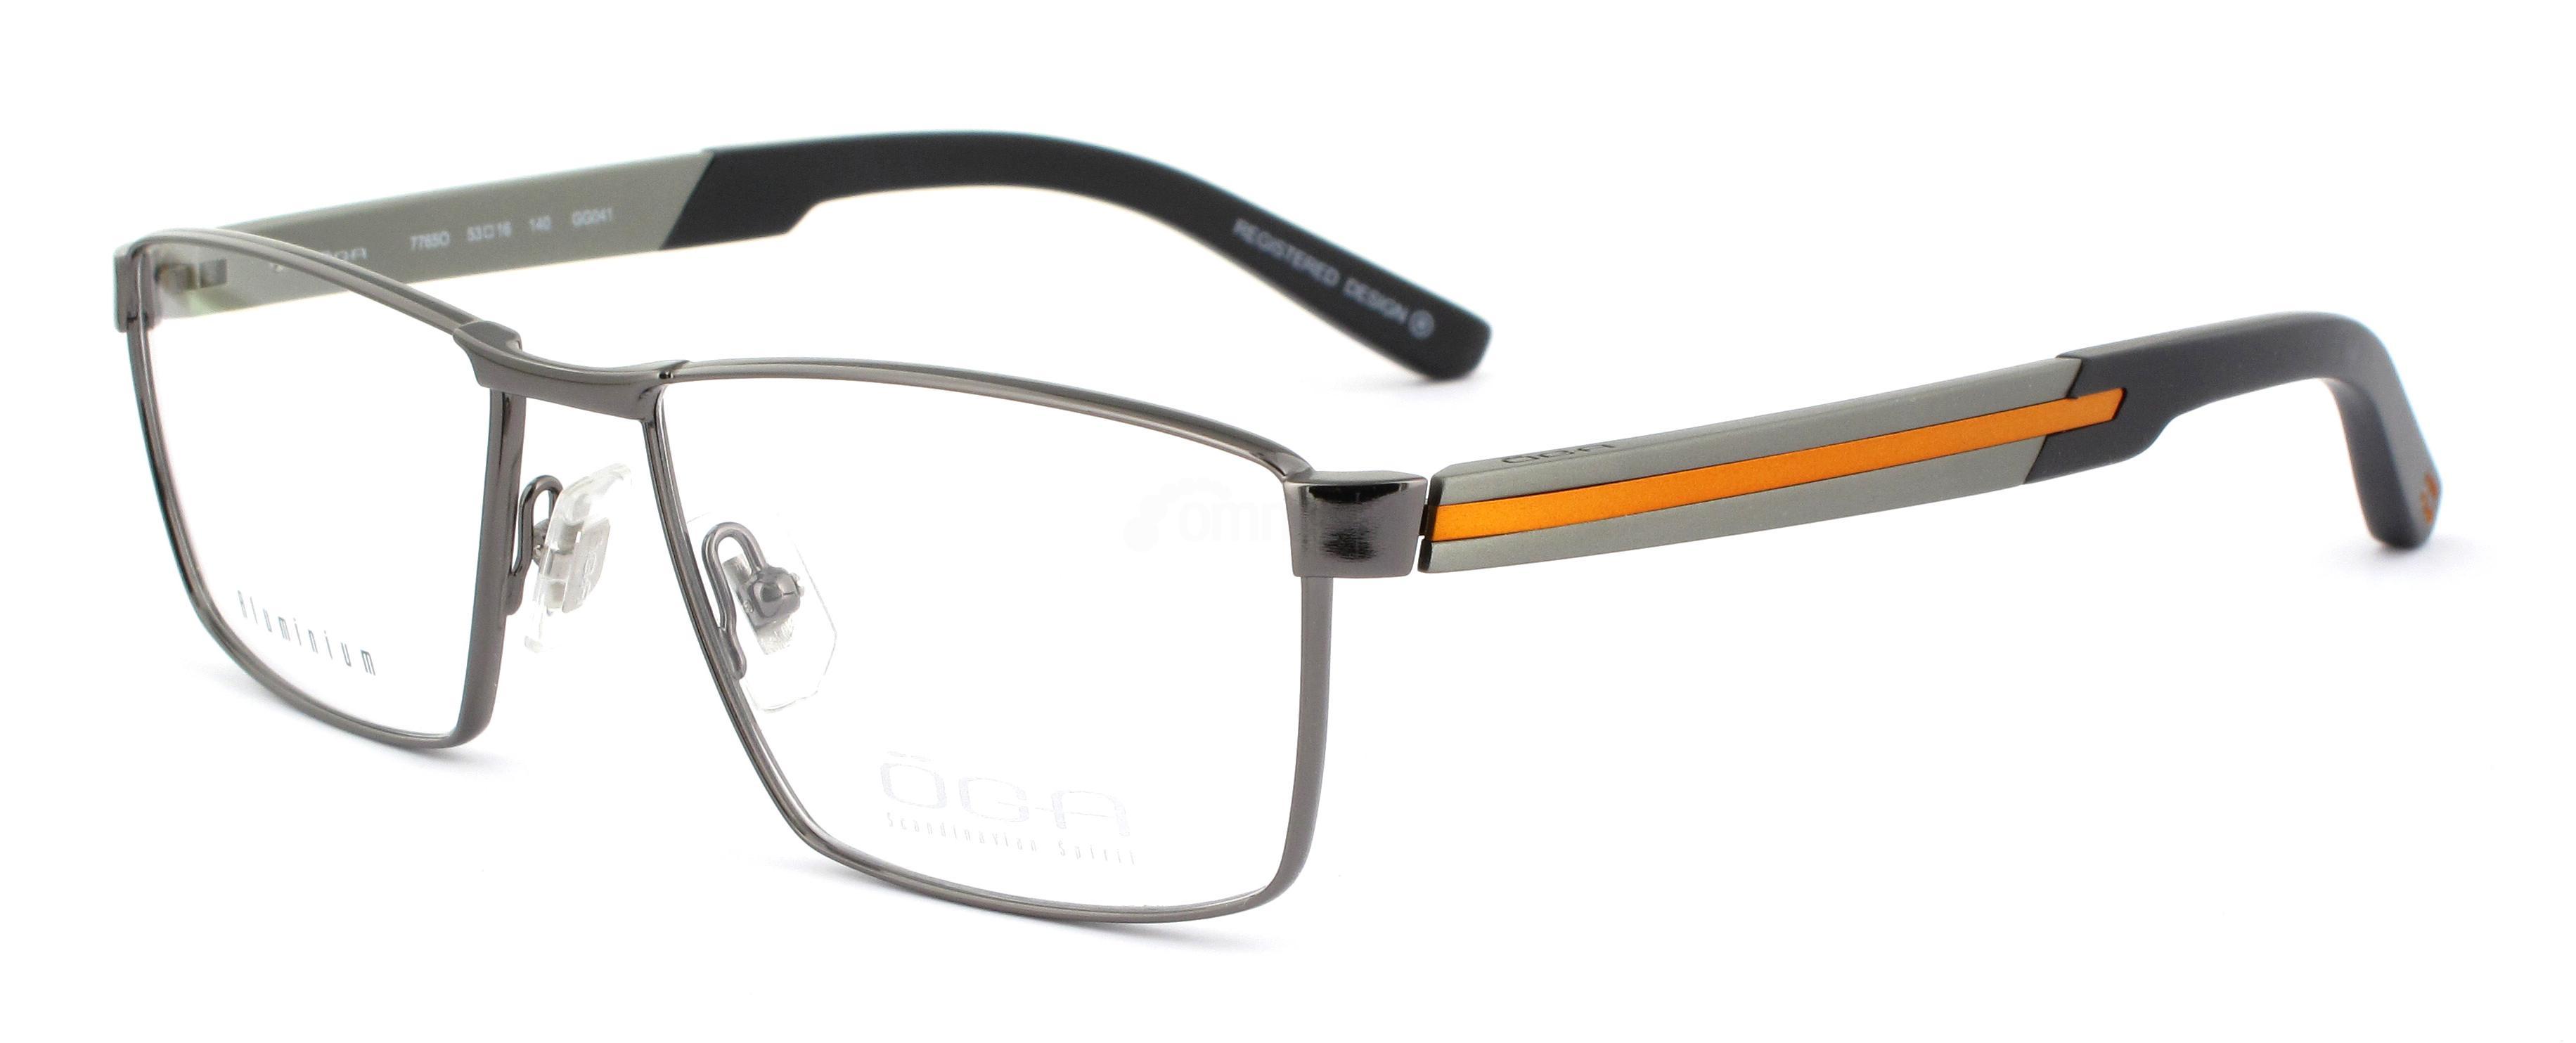 GG041 7765O TANGER 2 Glasses, ÖGA Scandinavian Spirit